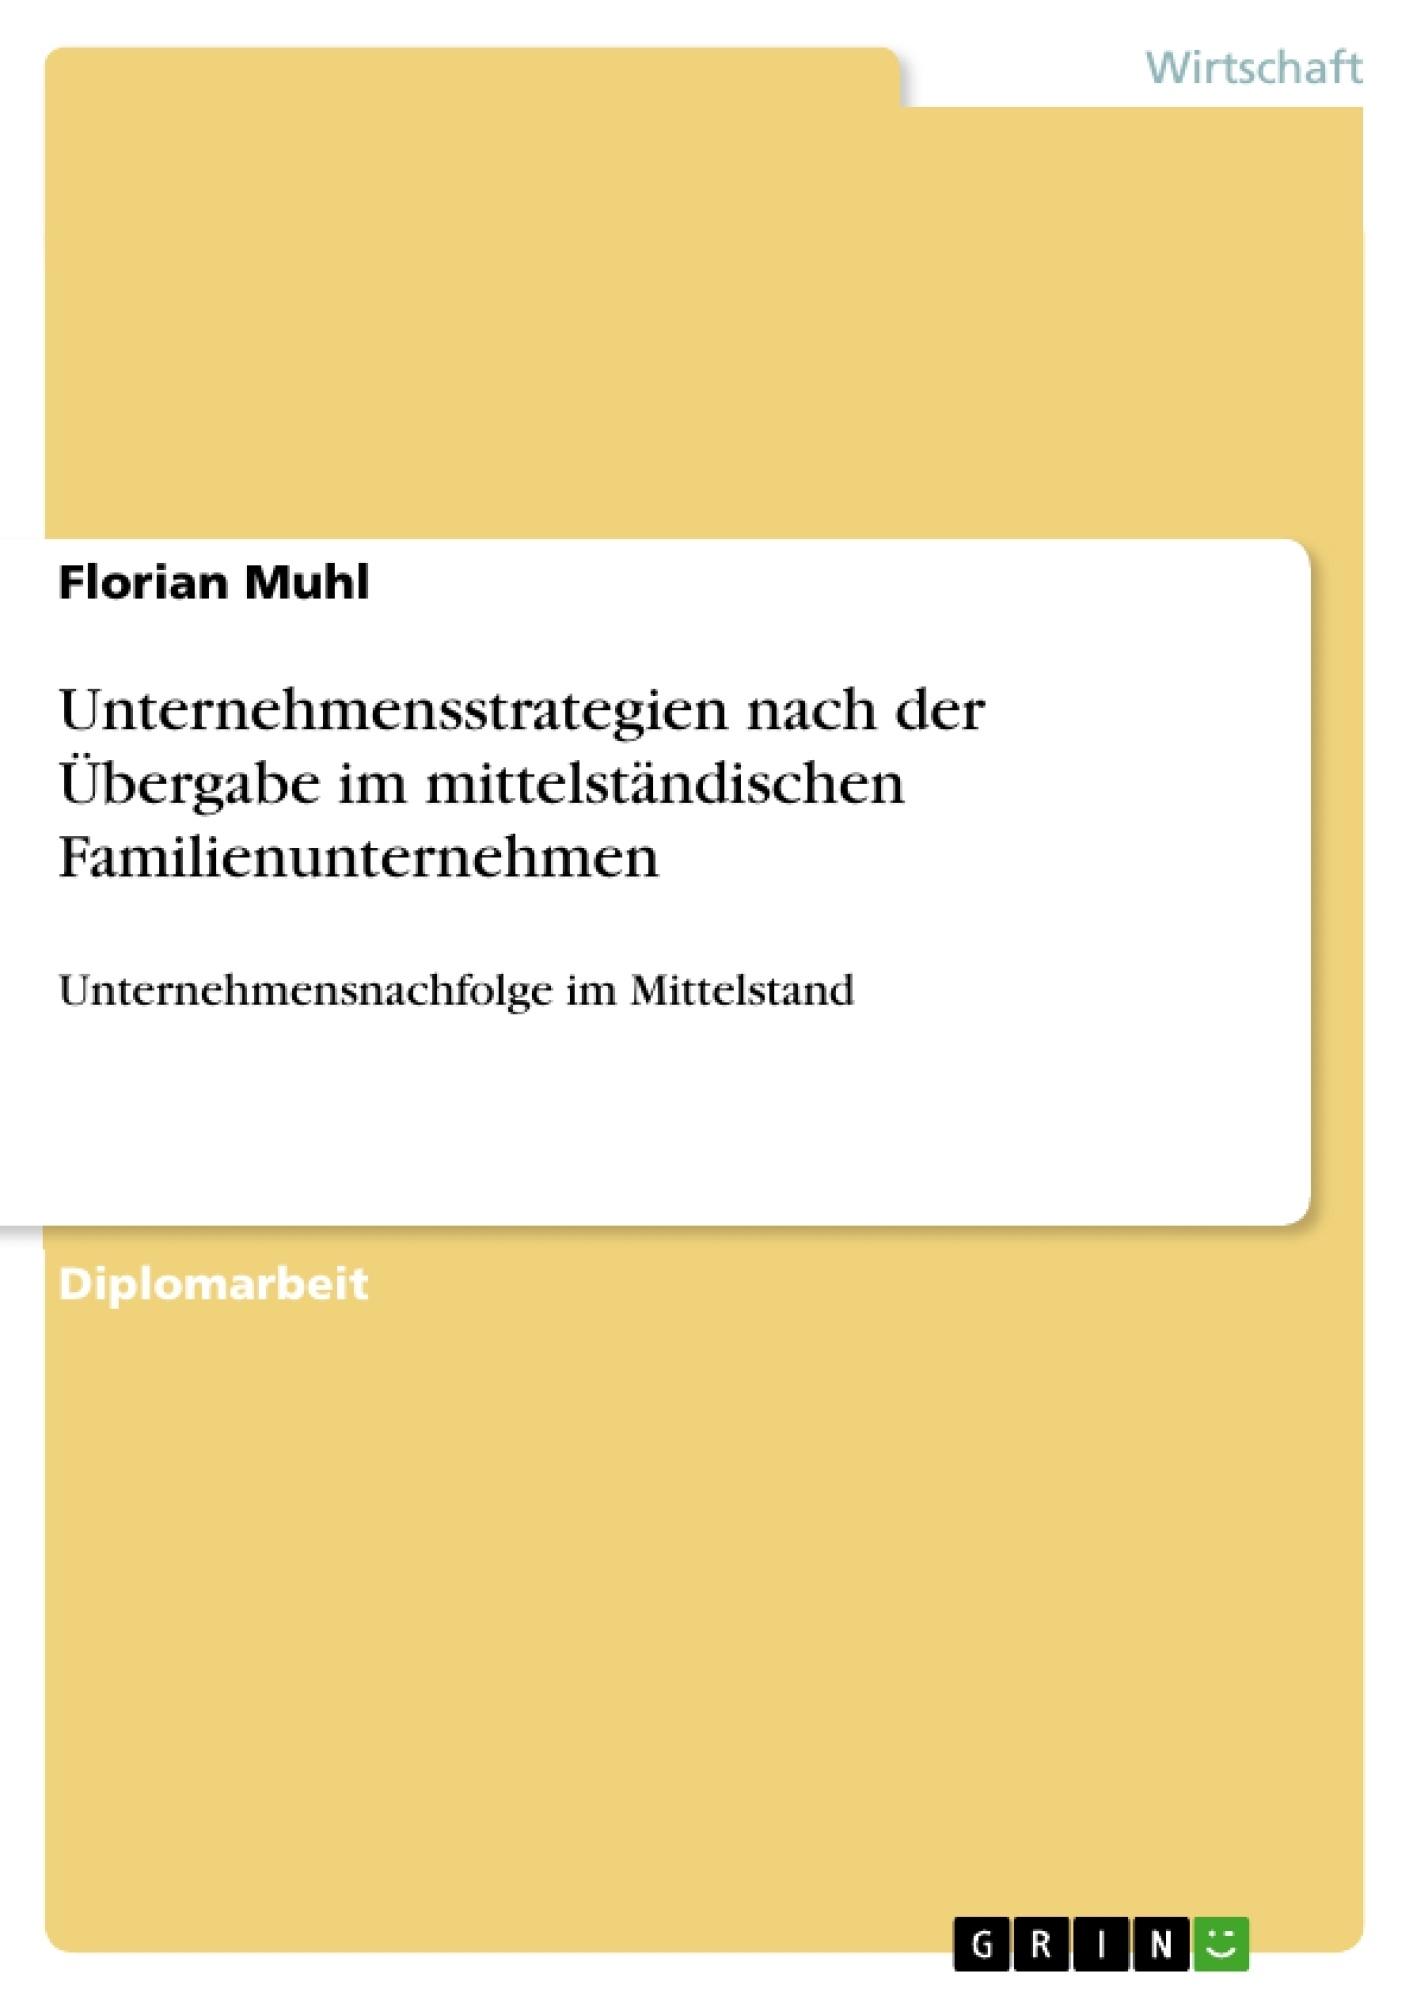 Titel: Unternehmensstrategien nach der Übergabe im mittelständischen Familienunternehmen